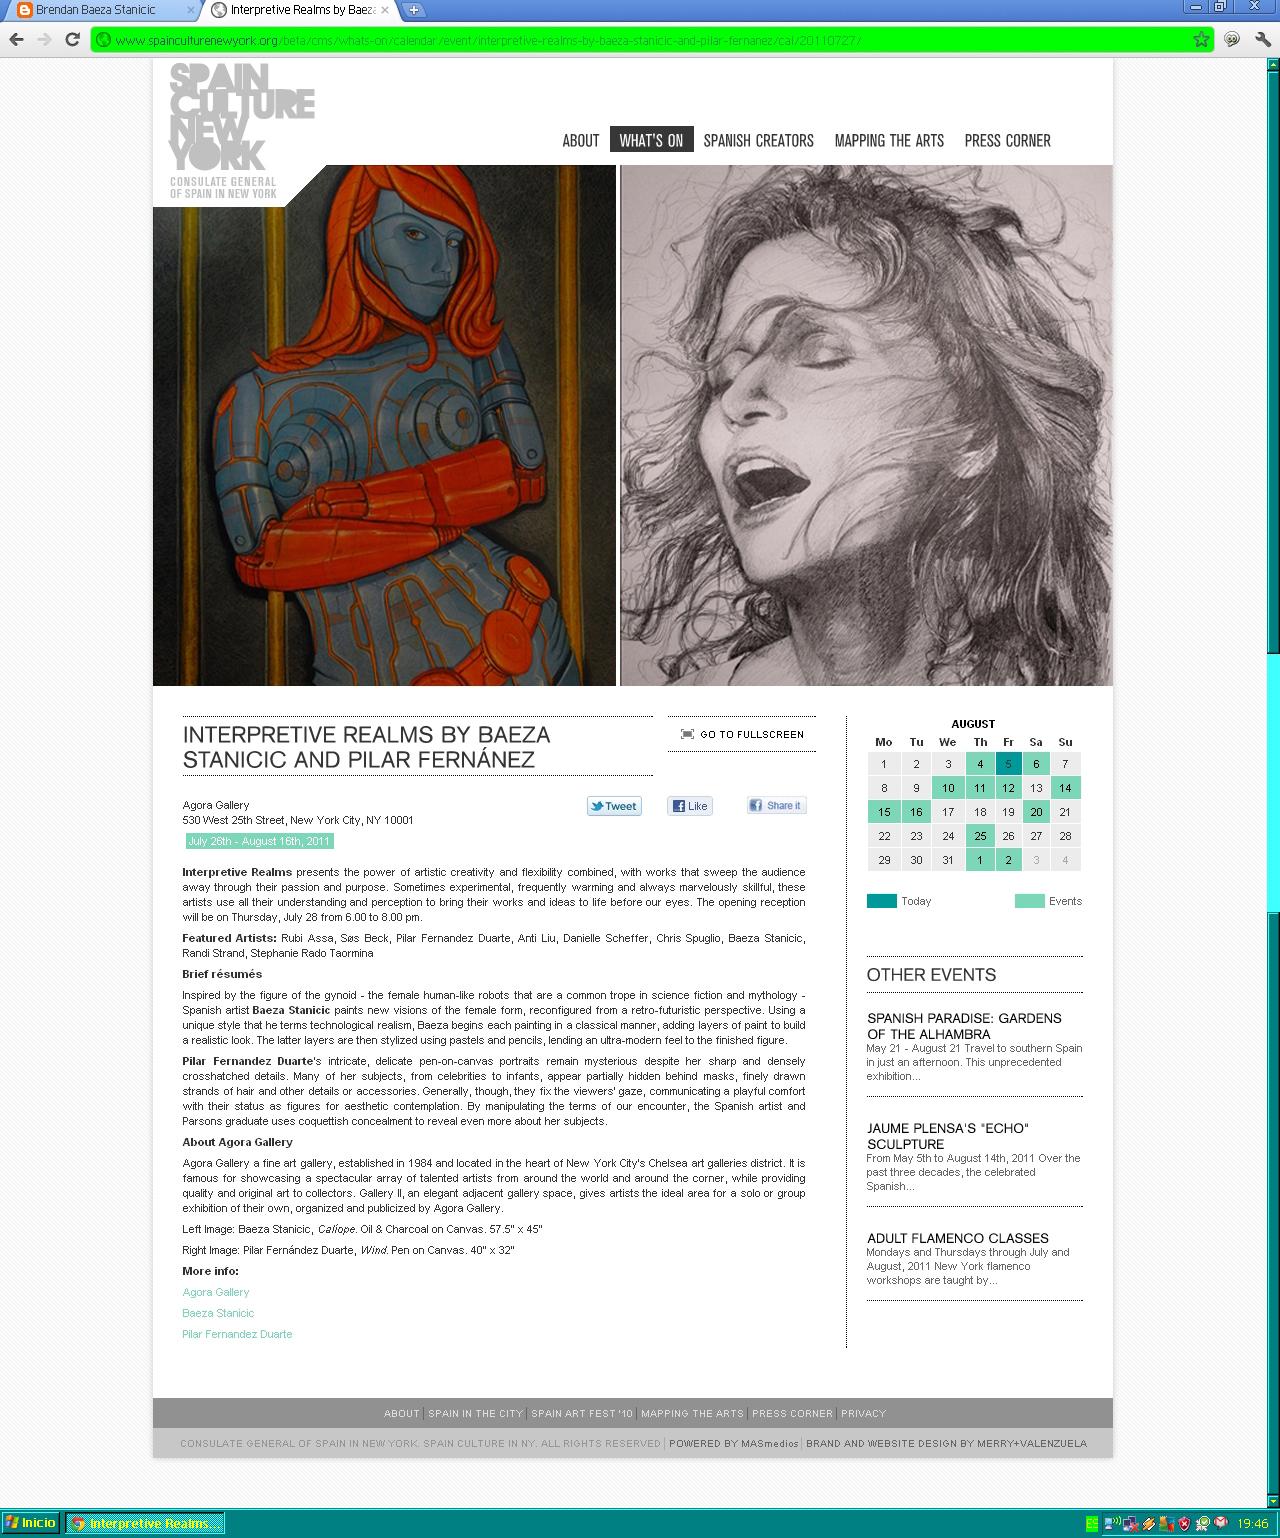 Clase de Pintura en Las Palmas de Gran Canaria: agosto 2011